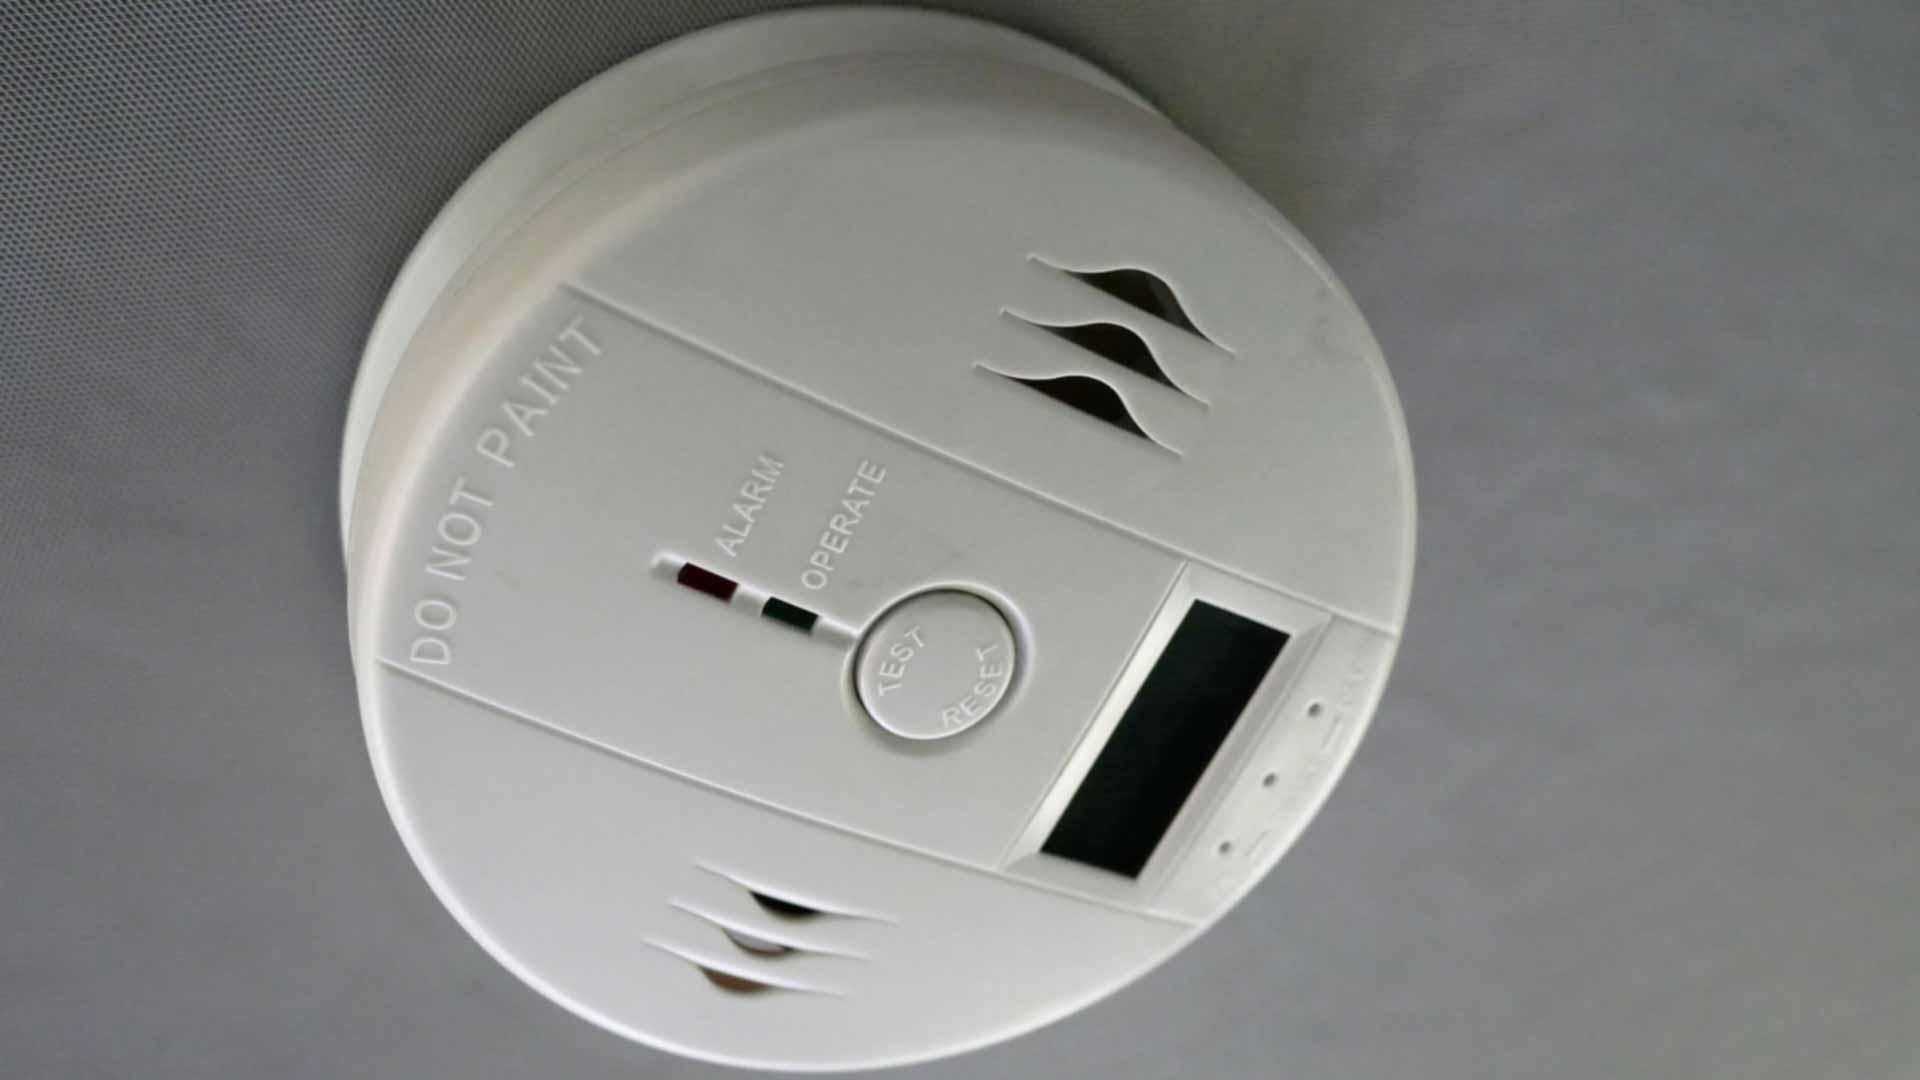 Carbon Monoxide (CO) & Nitric Oxide (NO) Detectors